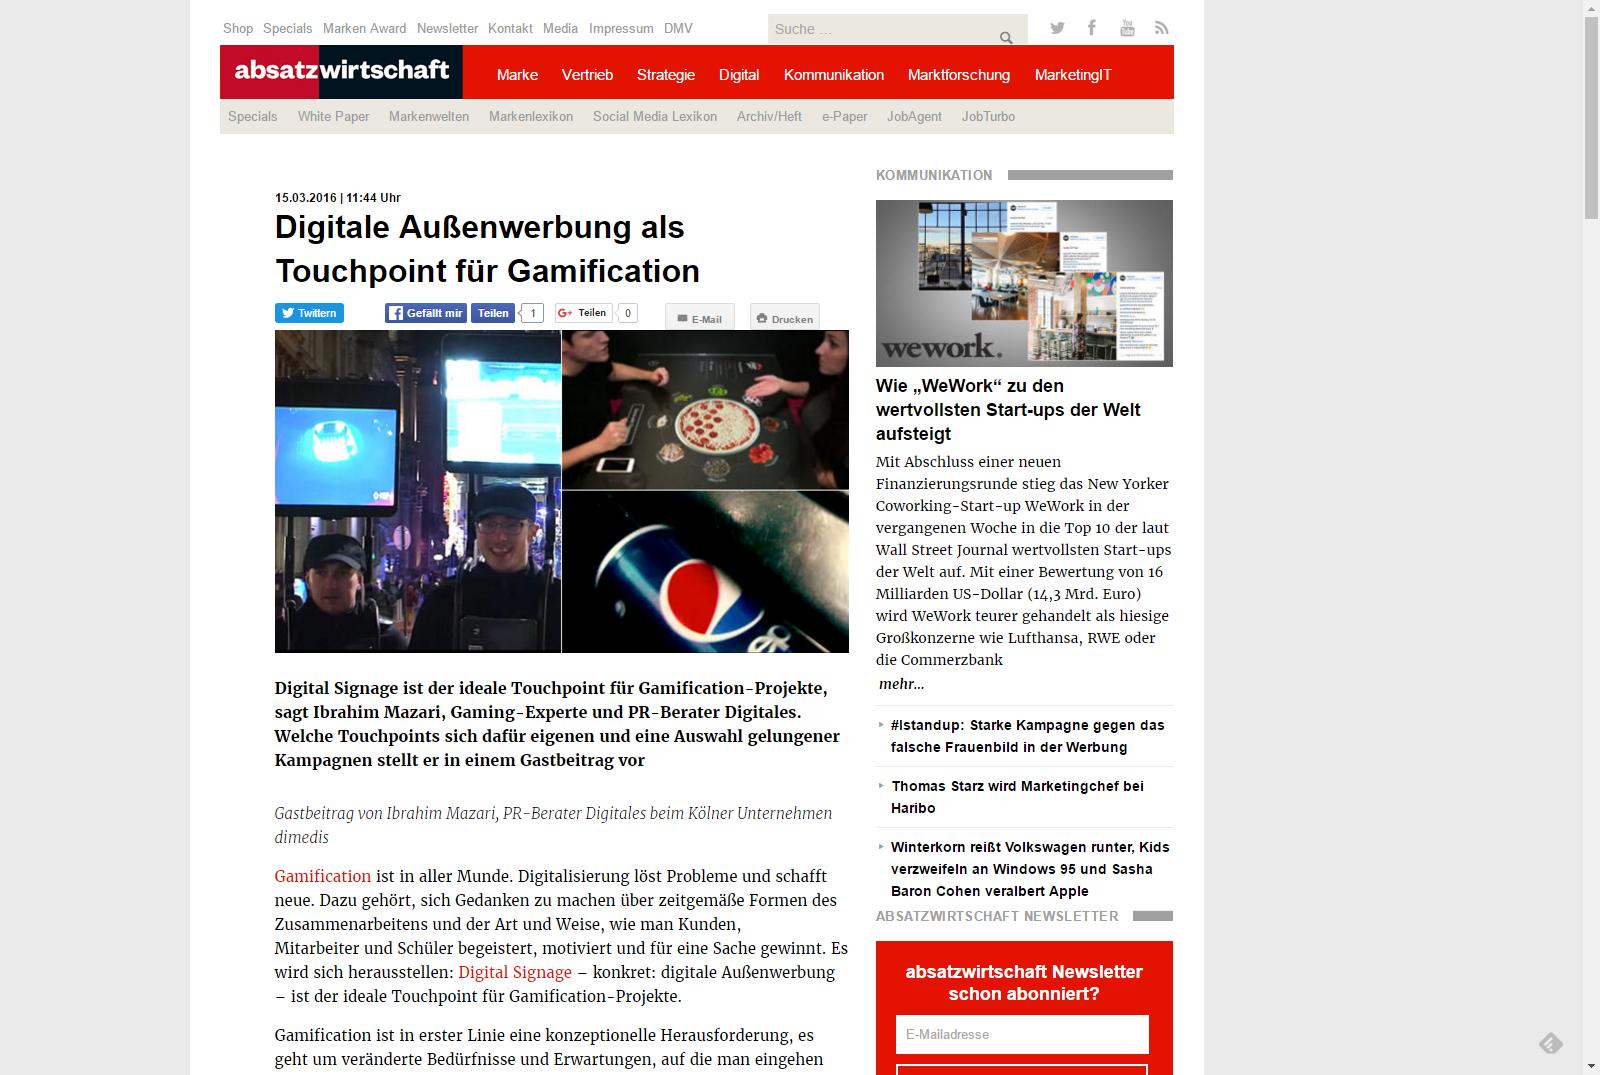 screenshot-www.absatzwirtschaft.de 2016-03-15 16-29-45